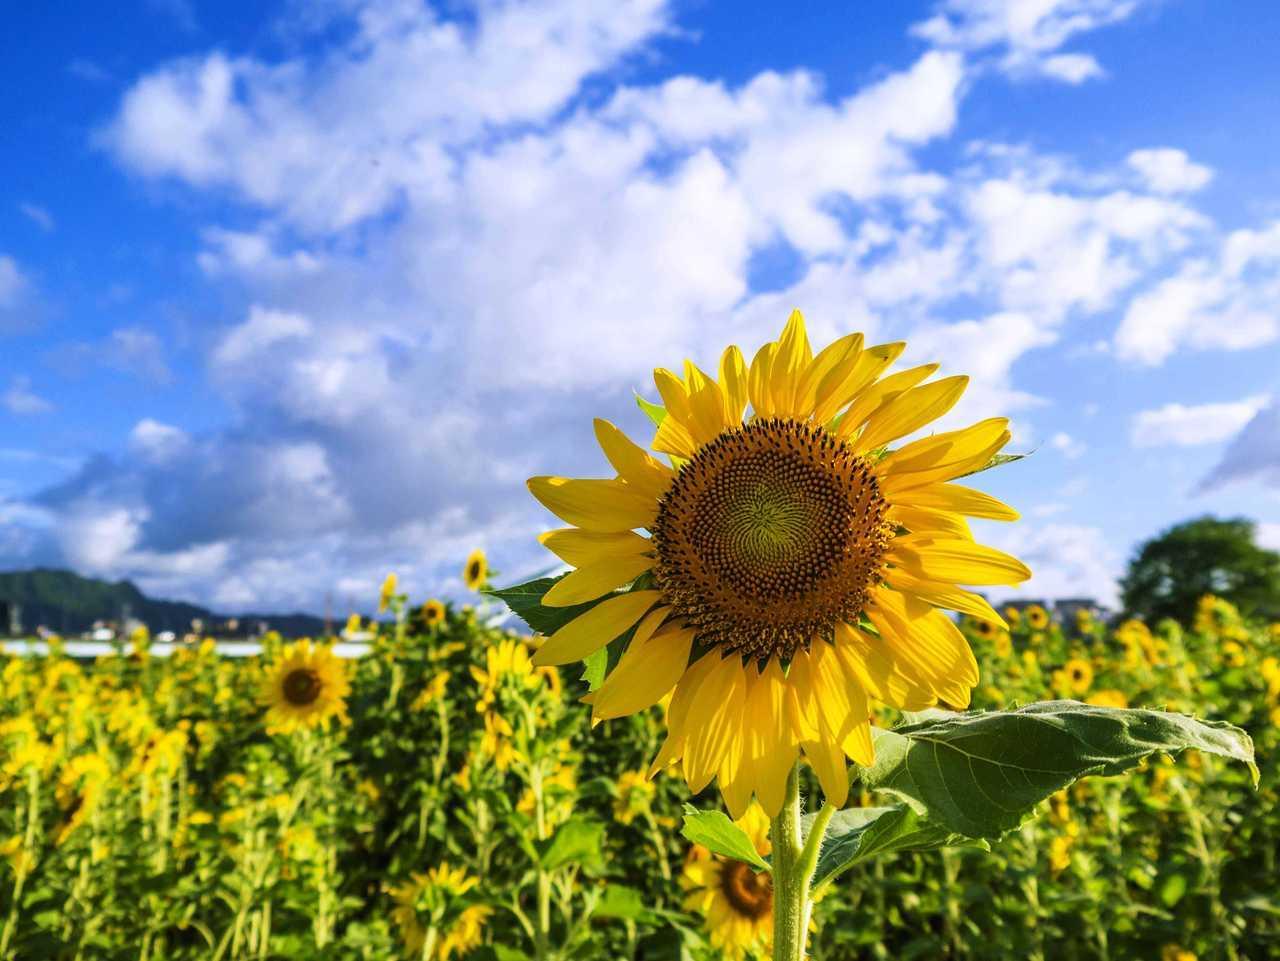 知否|向日葵总是向太阳吗?晚上是否集体猛回头?